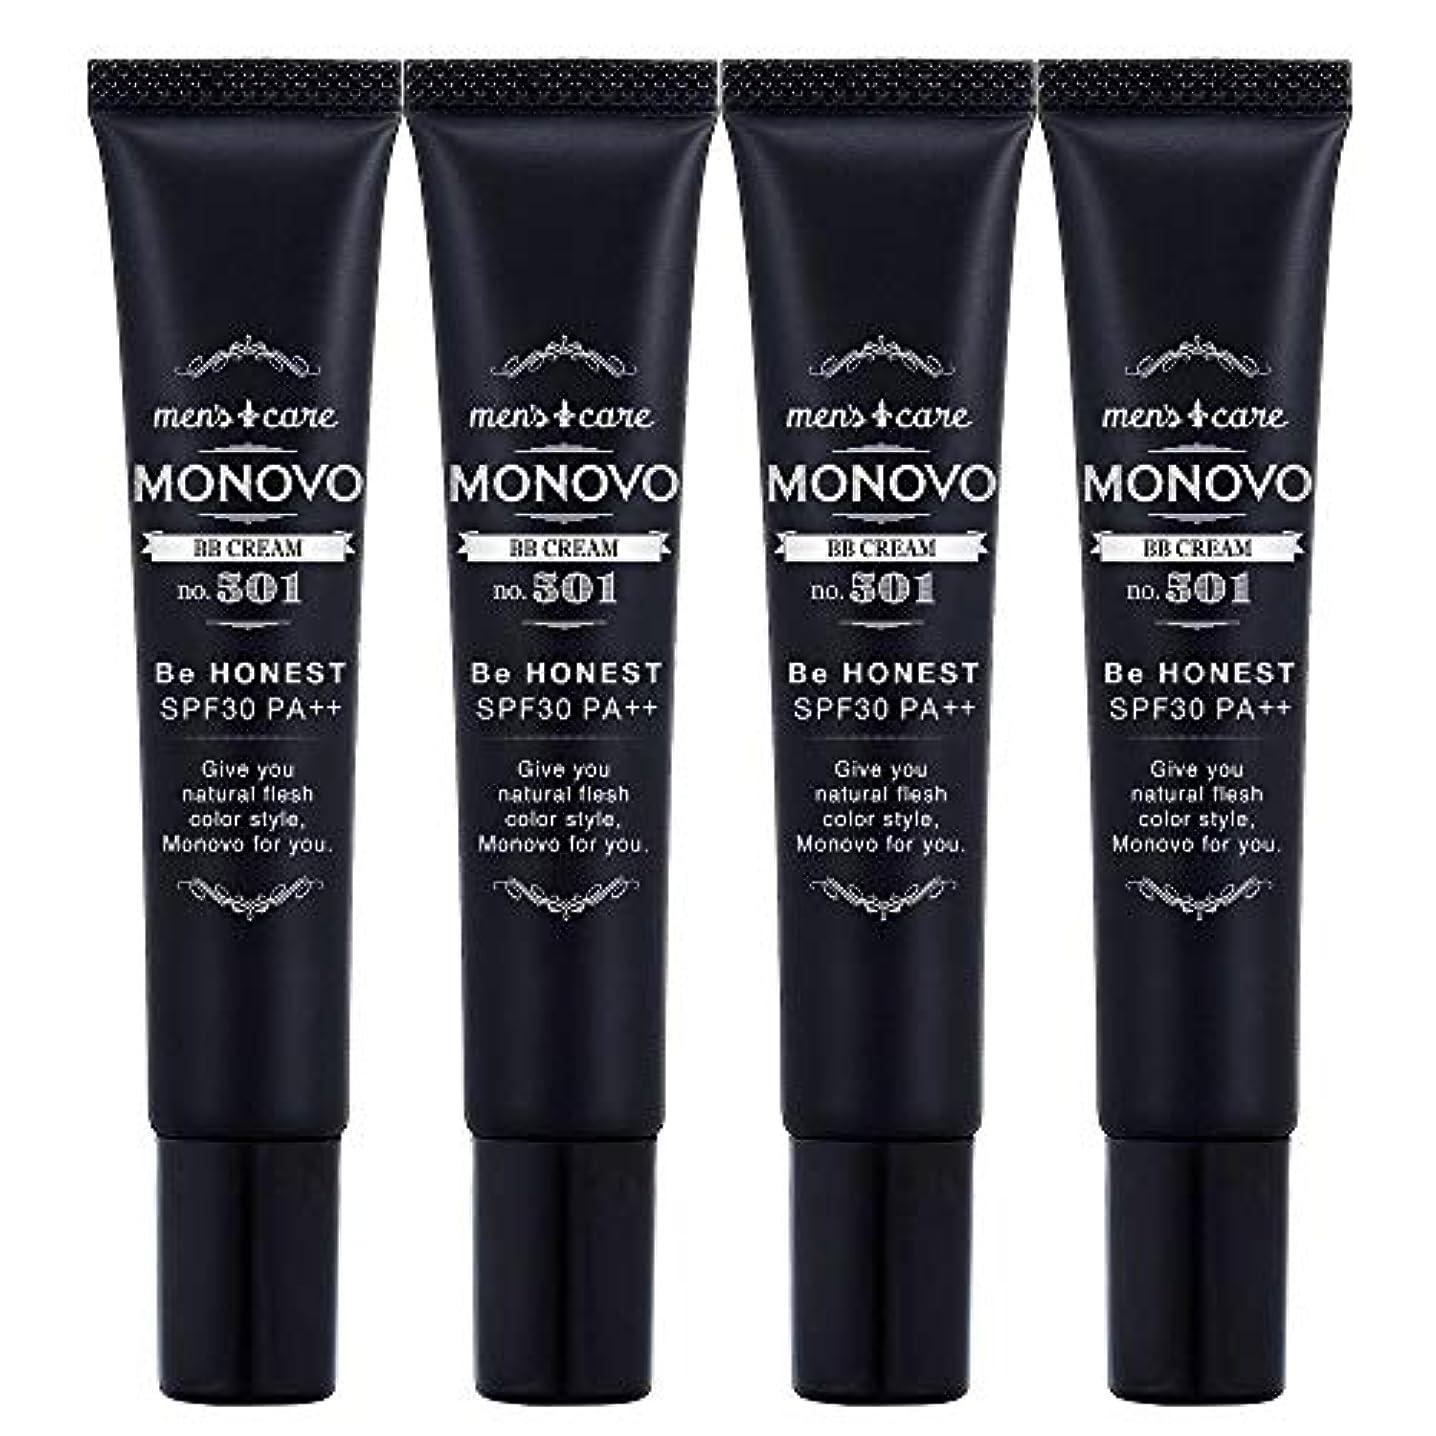 悔い改めるきちんとした知っているに立ち寄るMONOVO BBクリーム メンズ コンシーラー ファンデーション効果で青髭/テカリ/肌荒れ隠し[ SPF30/PA++] 4本 80g